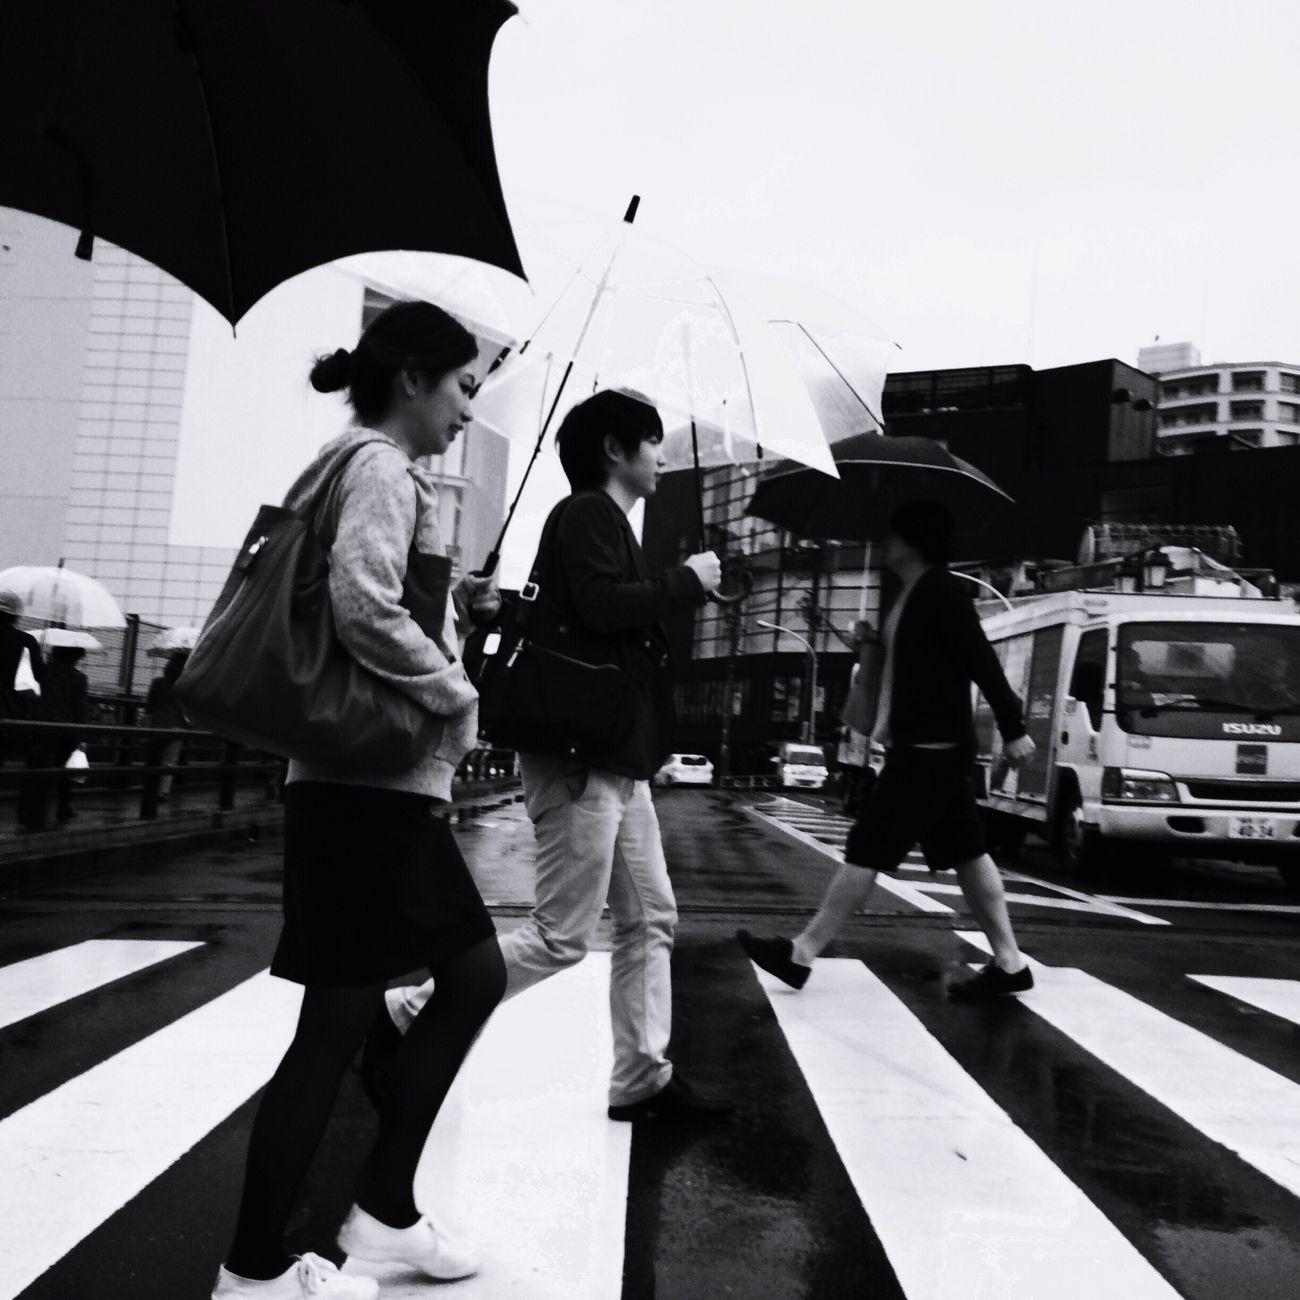 雨、降ってたー。 Rainy Days Crossroads Umbrella Monochrome_life Blackandwhite Streetphotography